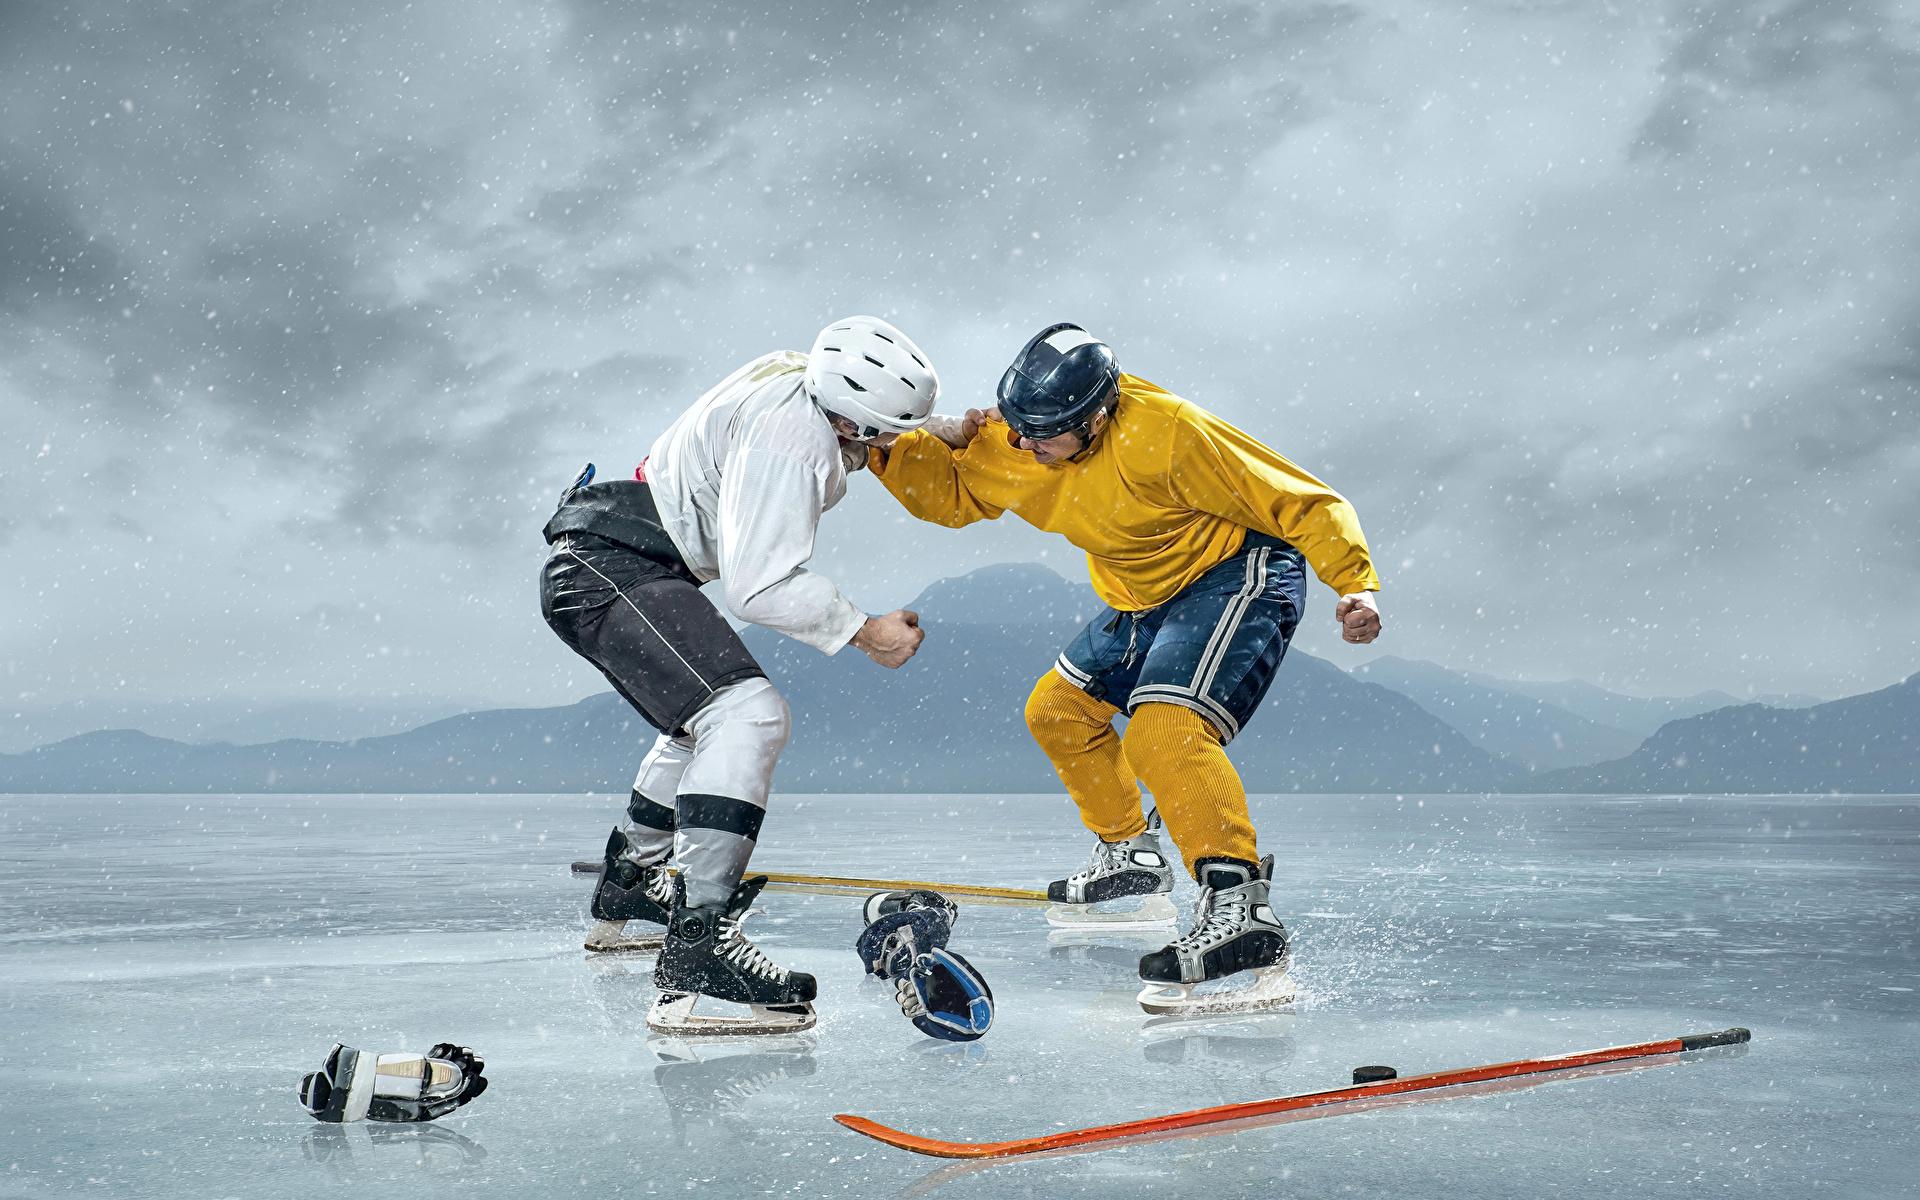 Bilder Helm Mann Eis Zwei Sport Schlägerei Hockey Uniform 1920x1200 2